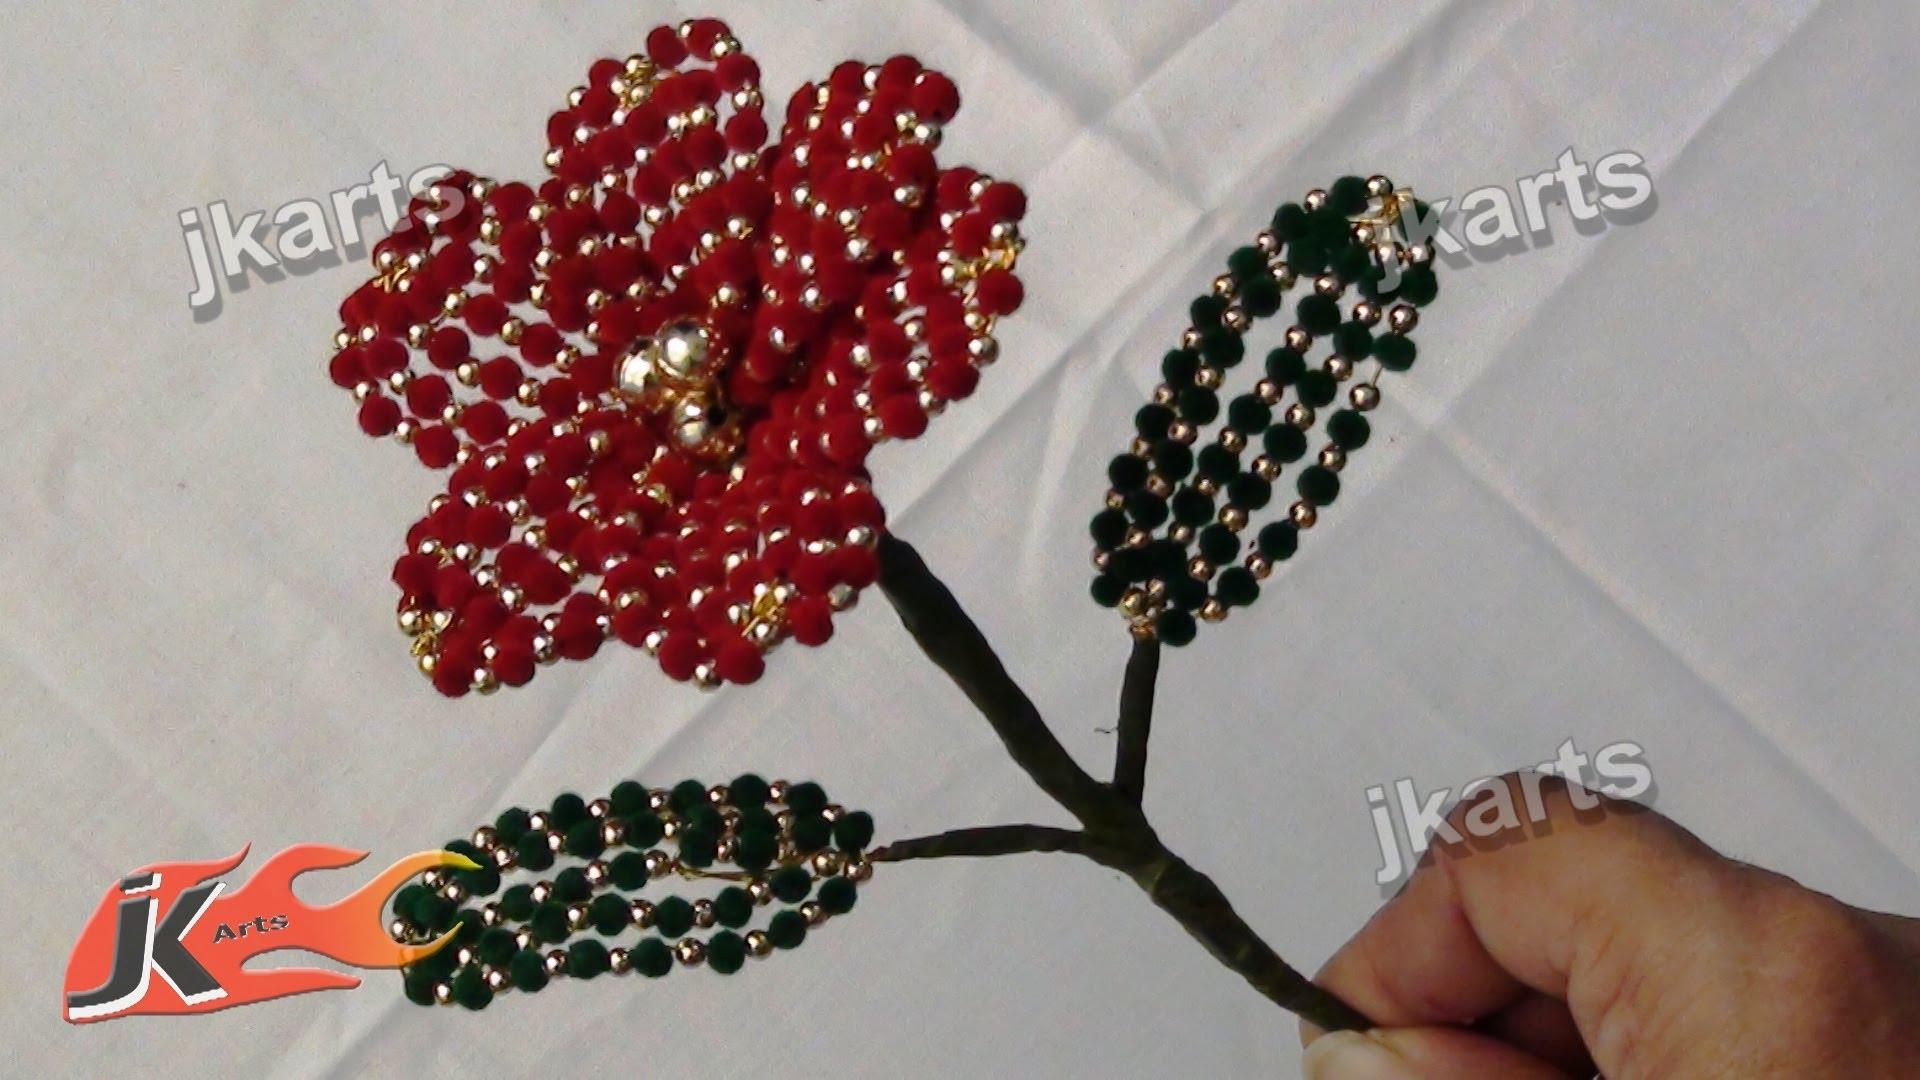 DIY How to make Velvet Beads Flower JK Arts 206 - YouTube